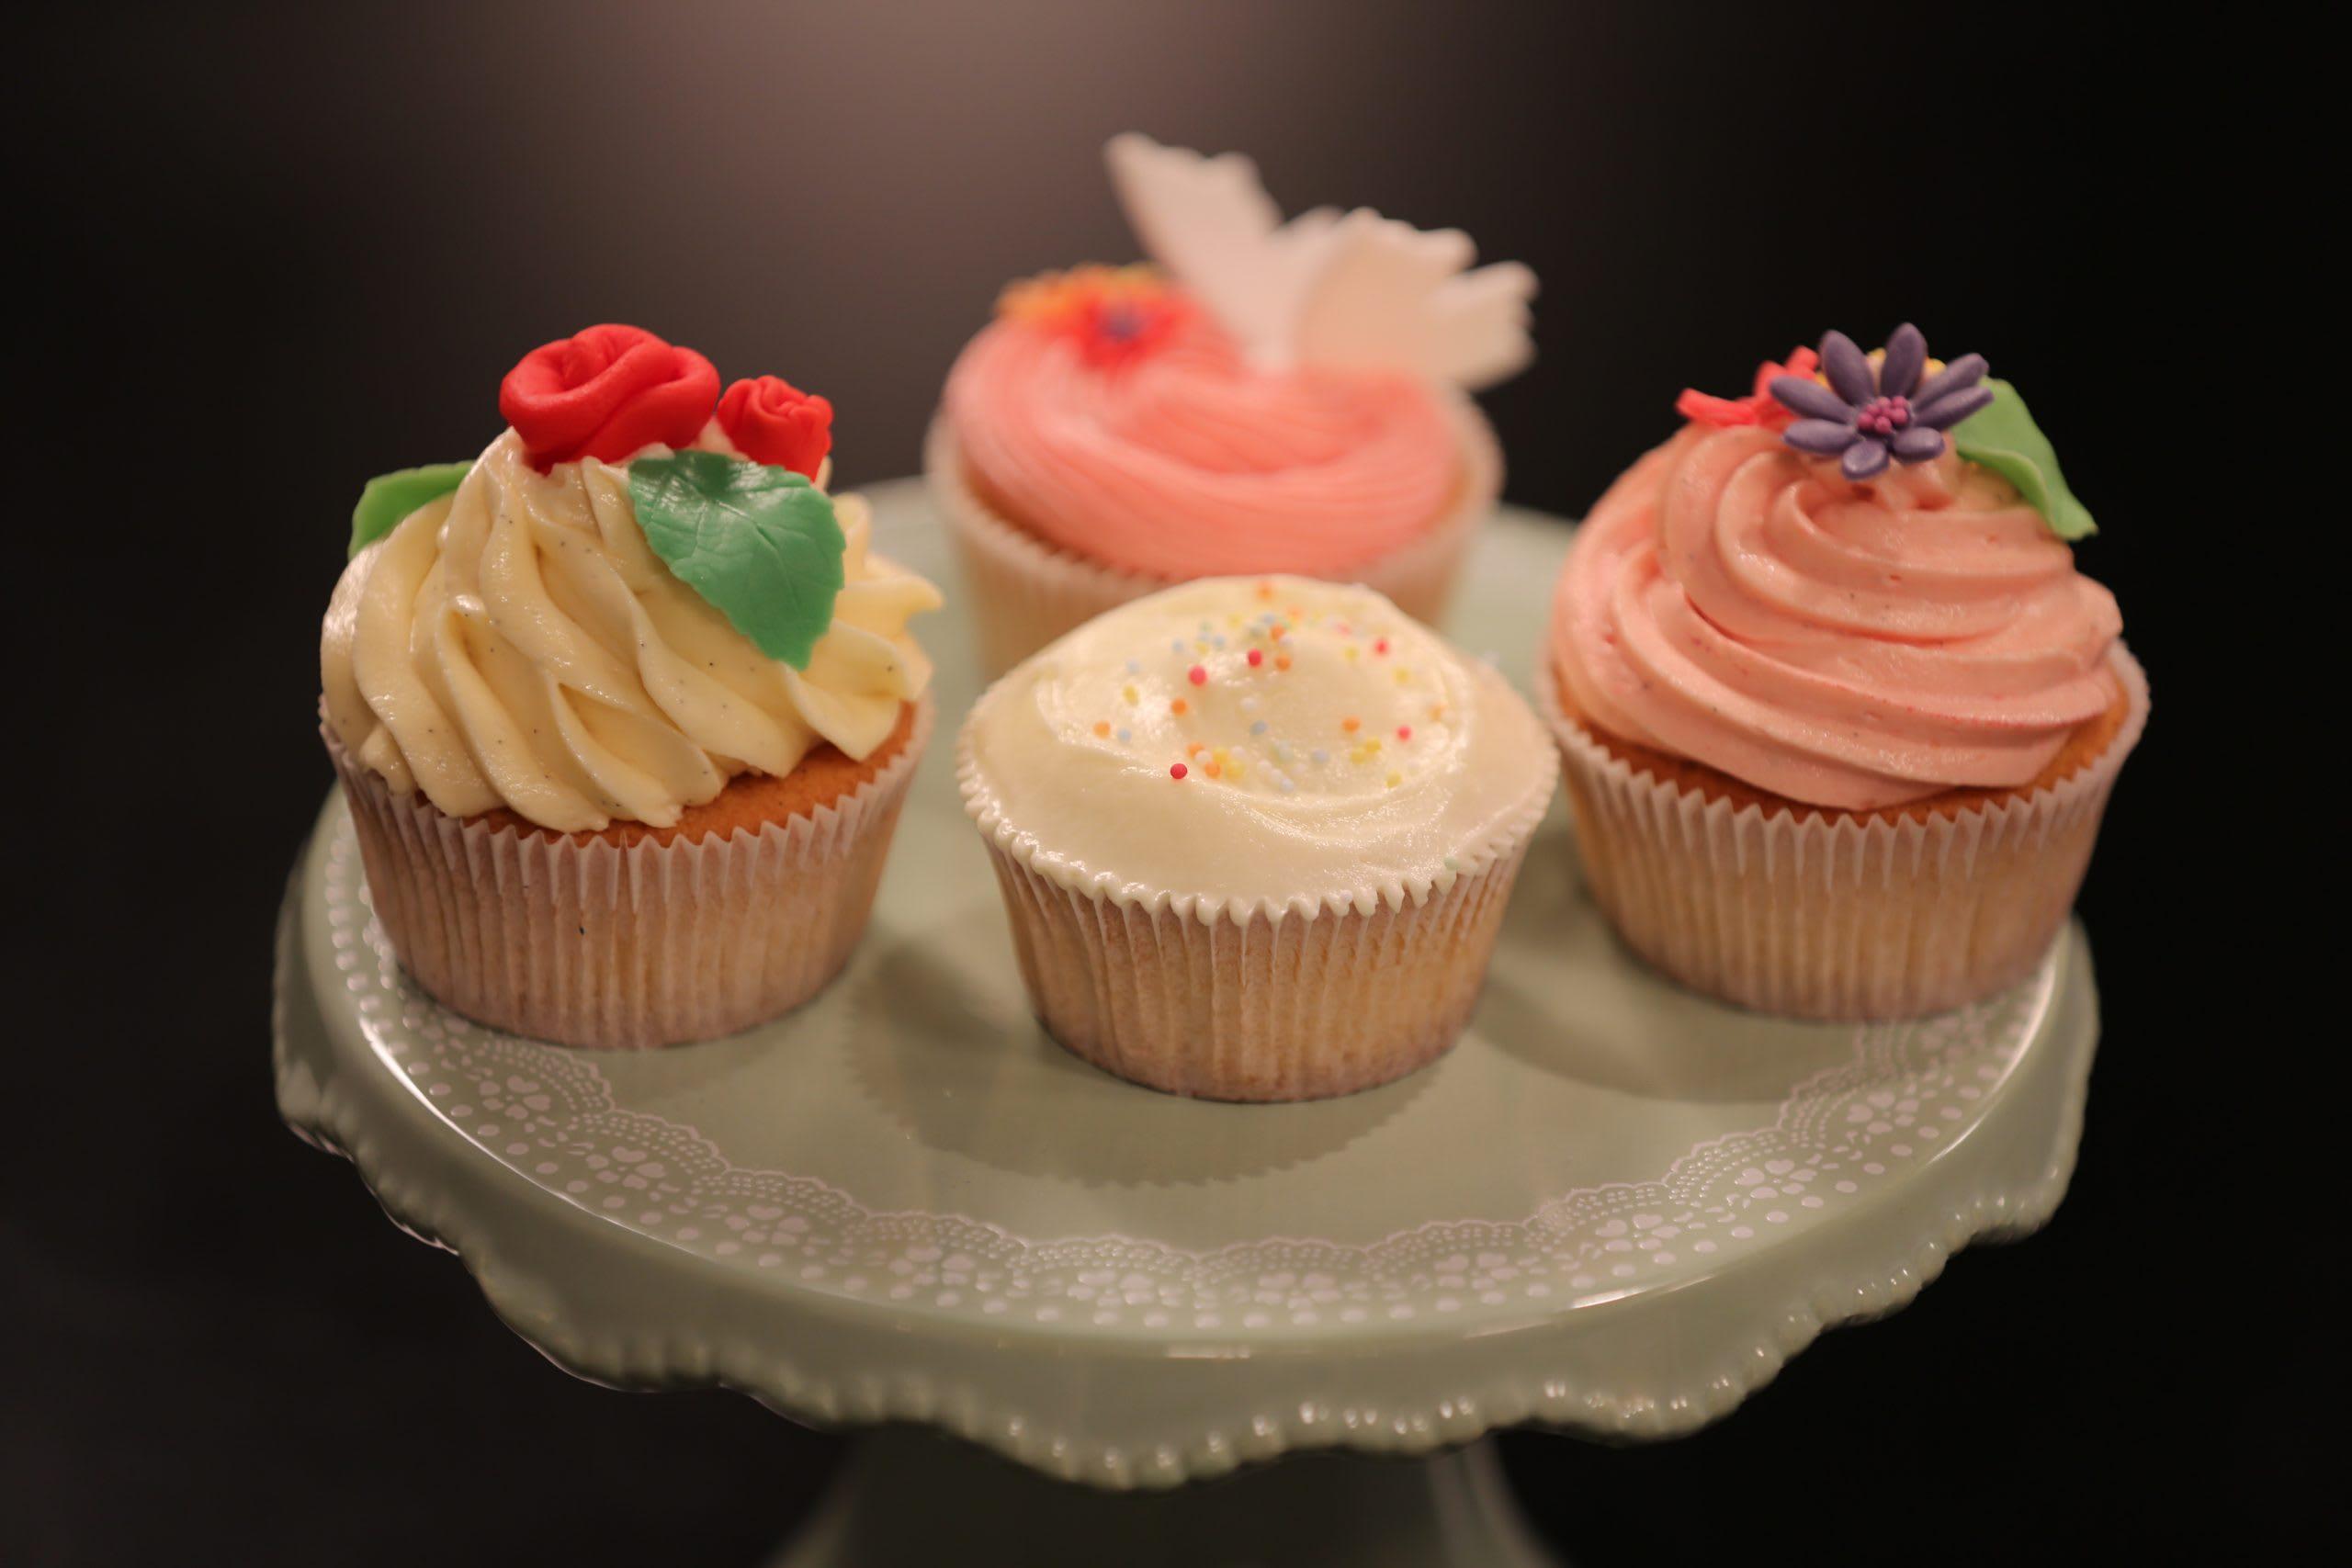 Himbeer-Cupcakes mit Frosting-Variationen